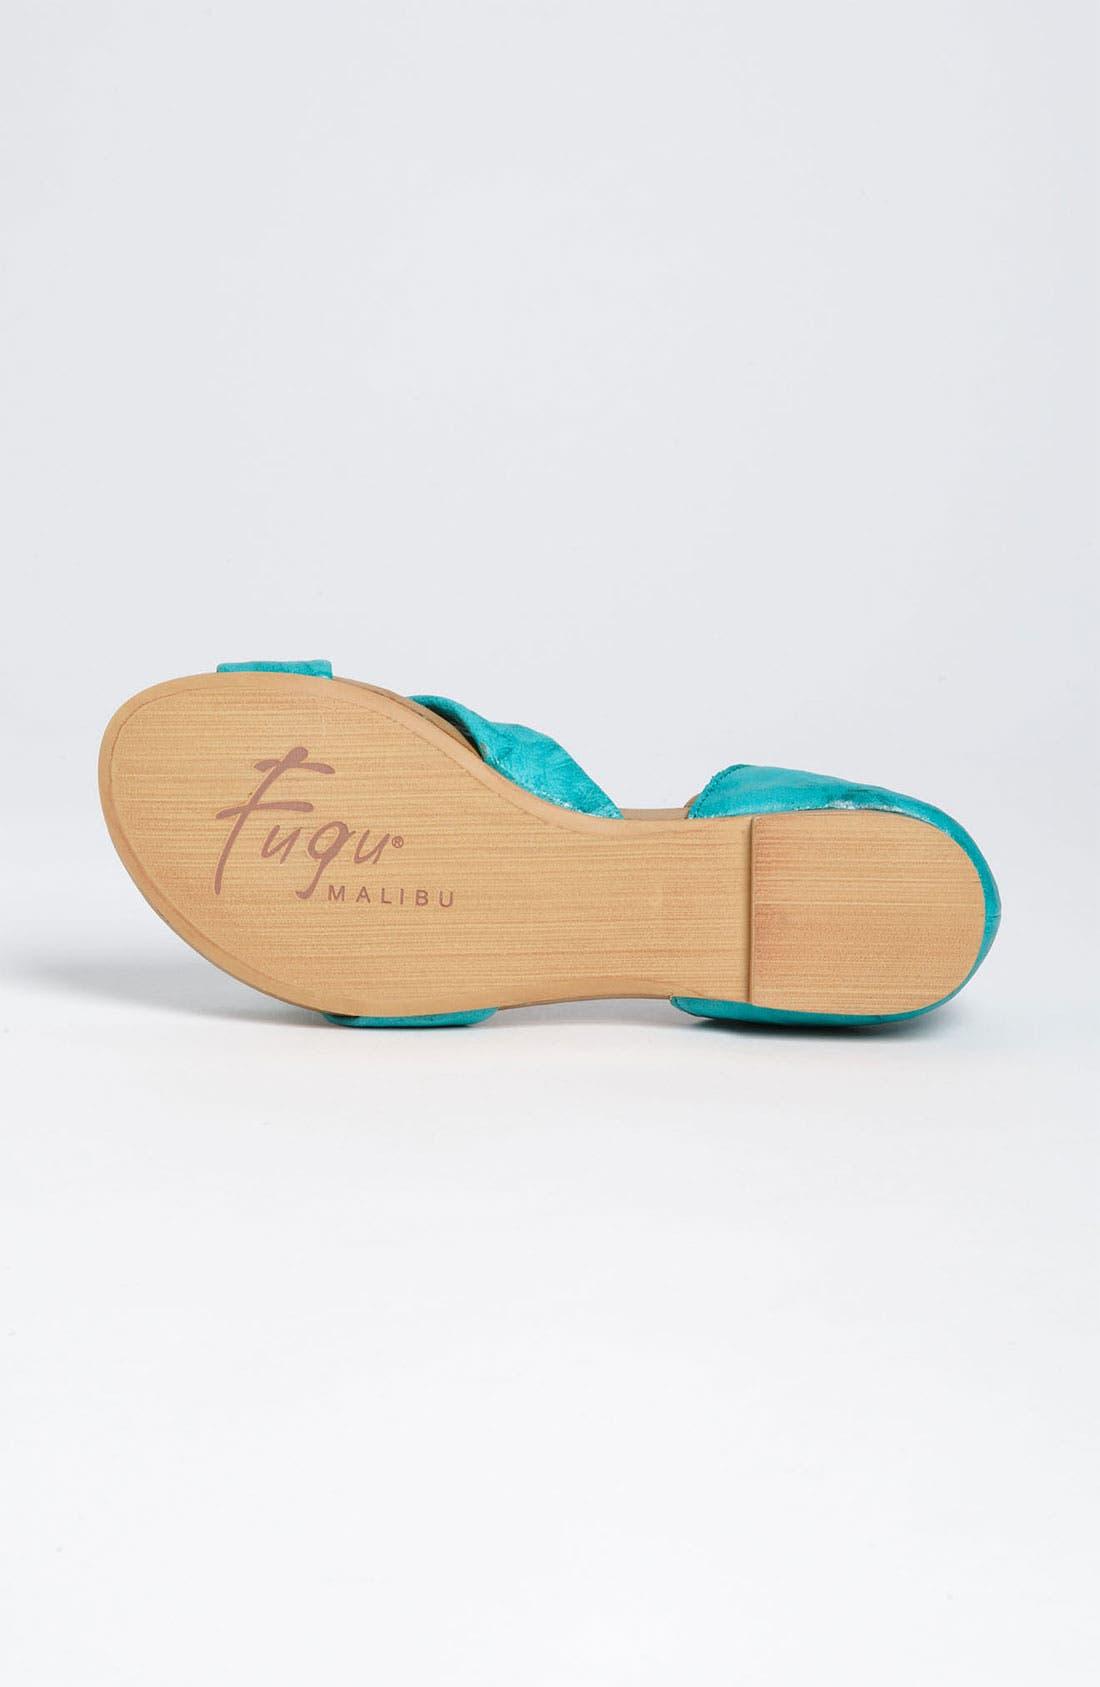 Alternate Image 4  - Fugu Malibu 'Tokay' Sandal